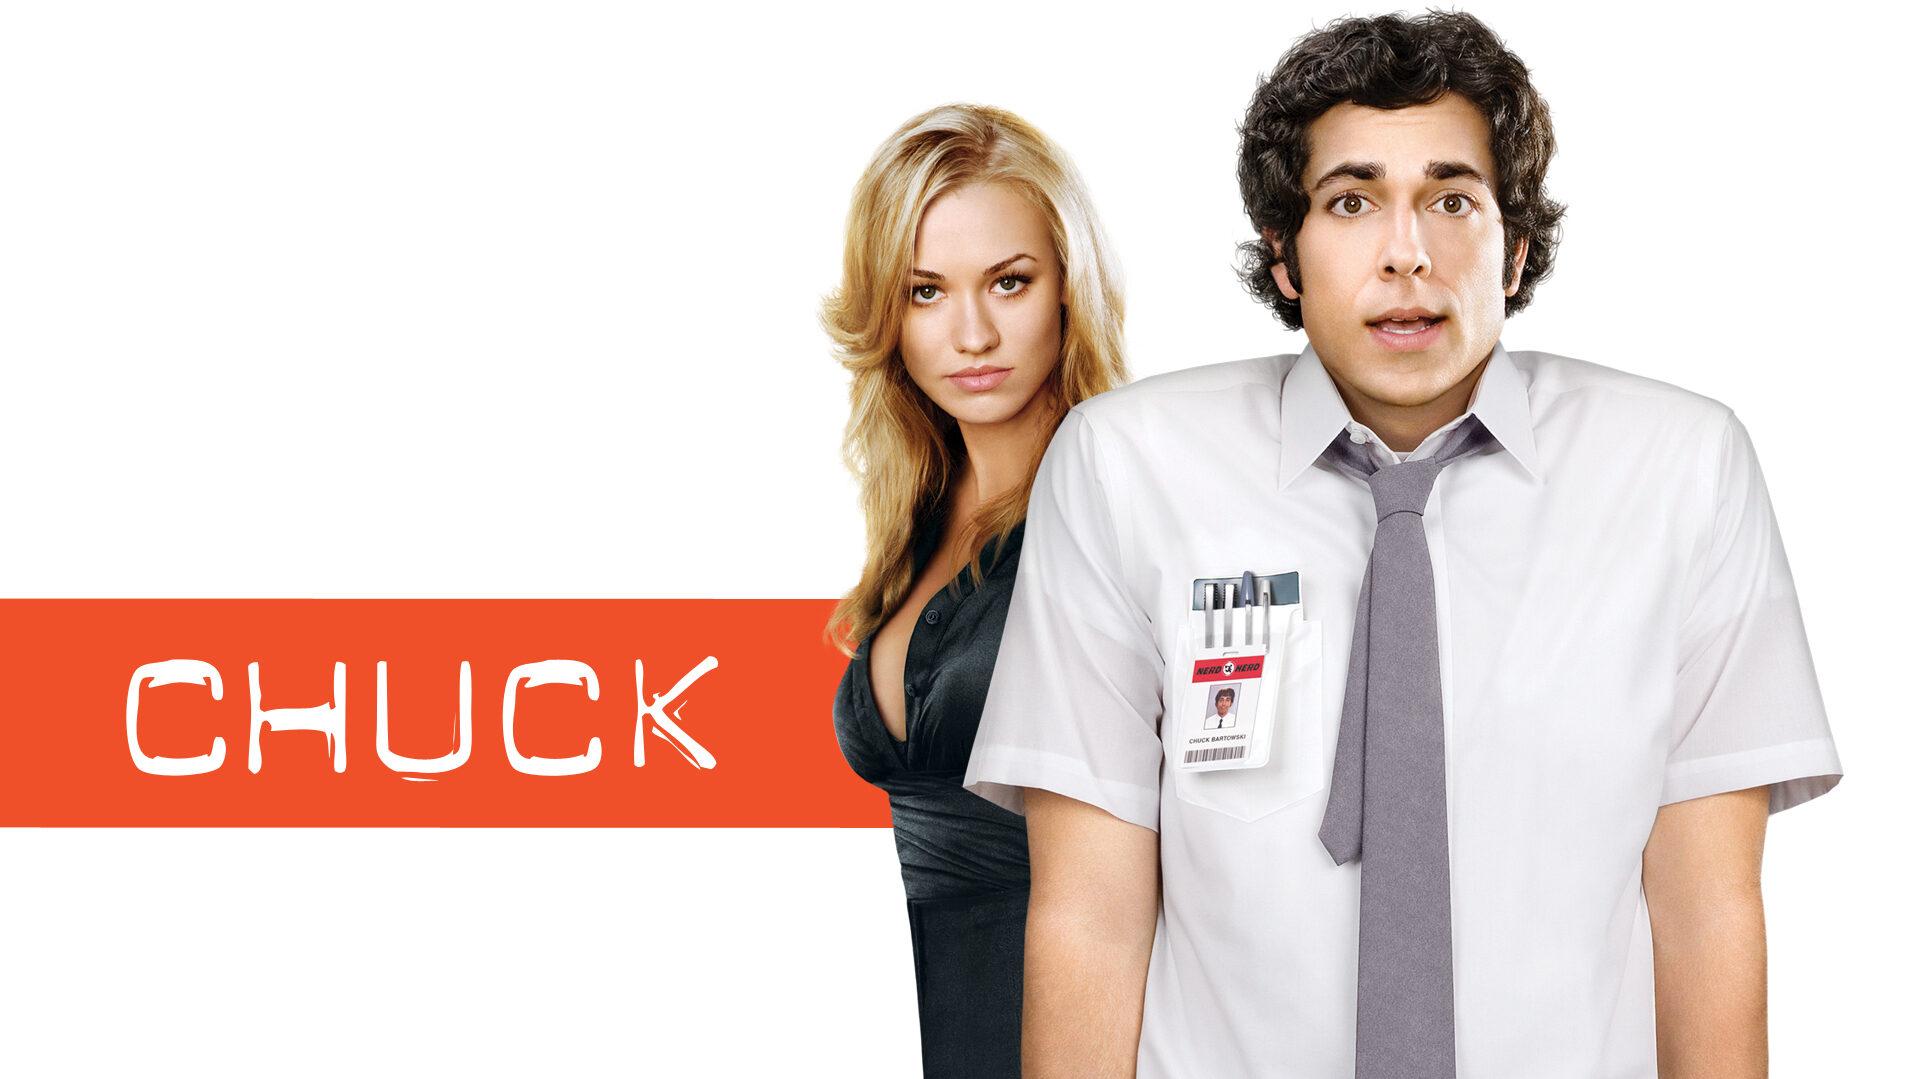 Chuck serie tv la copertina